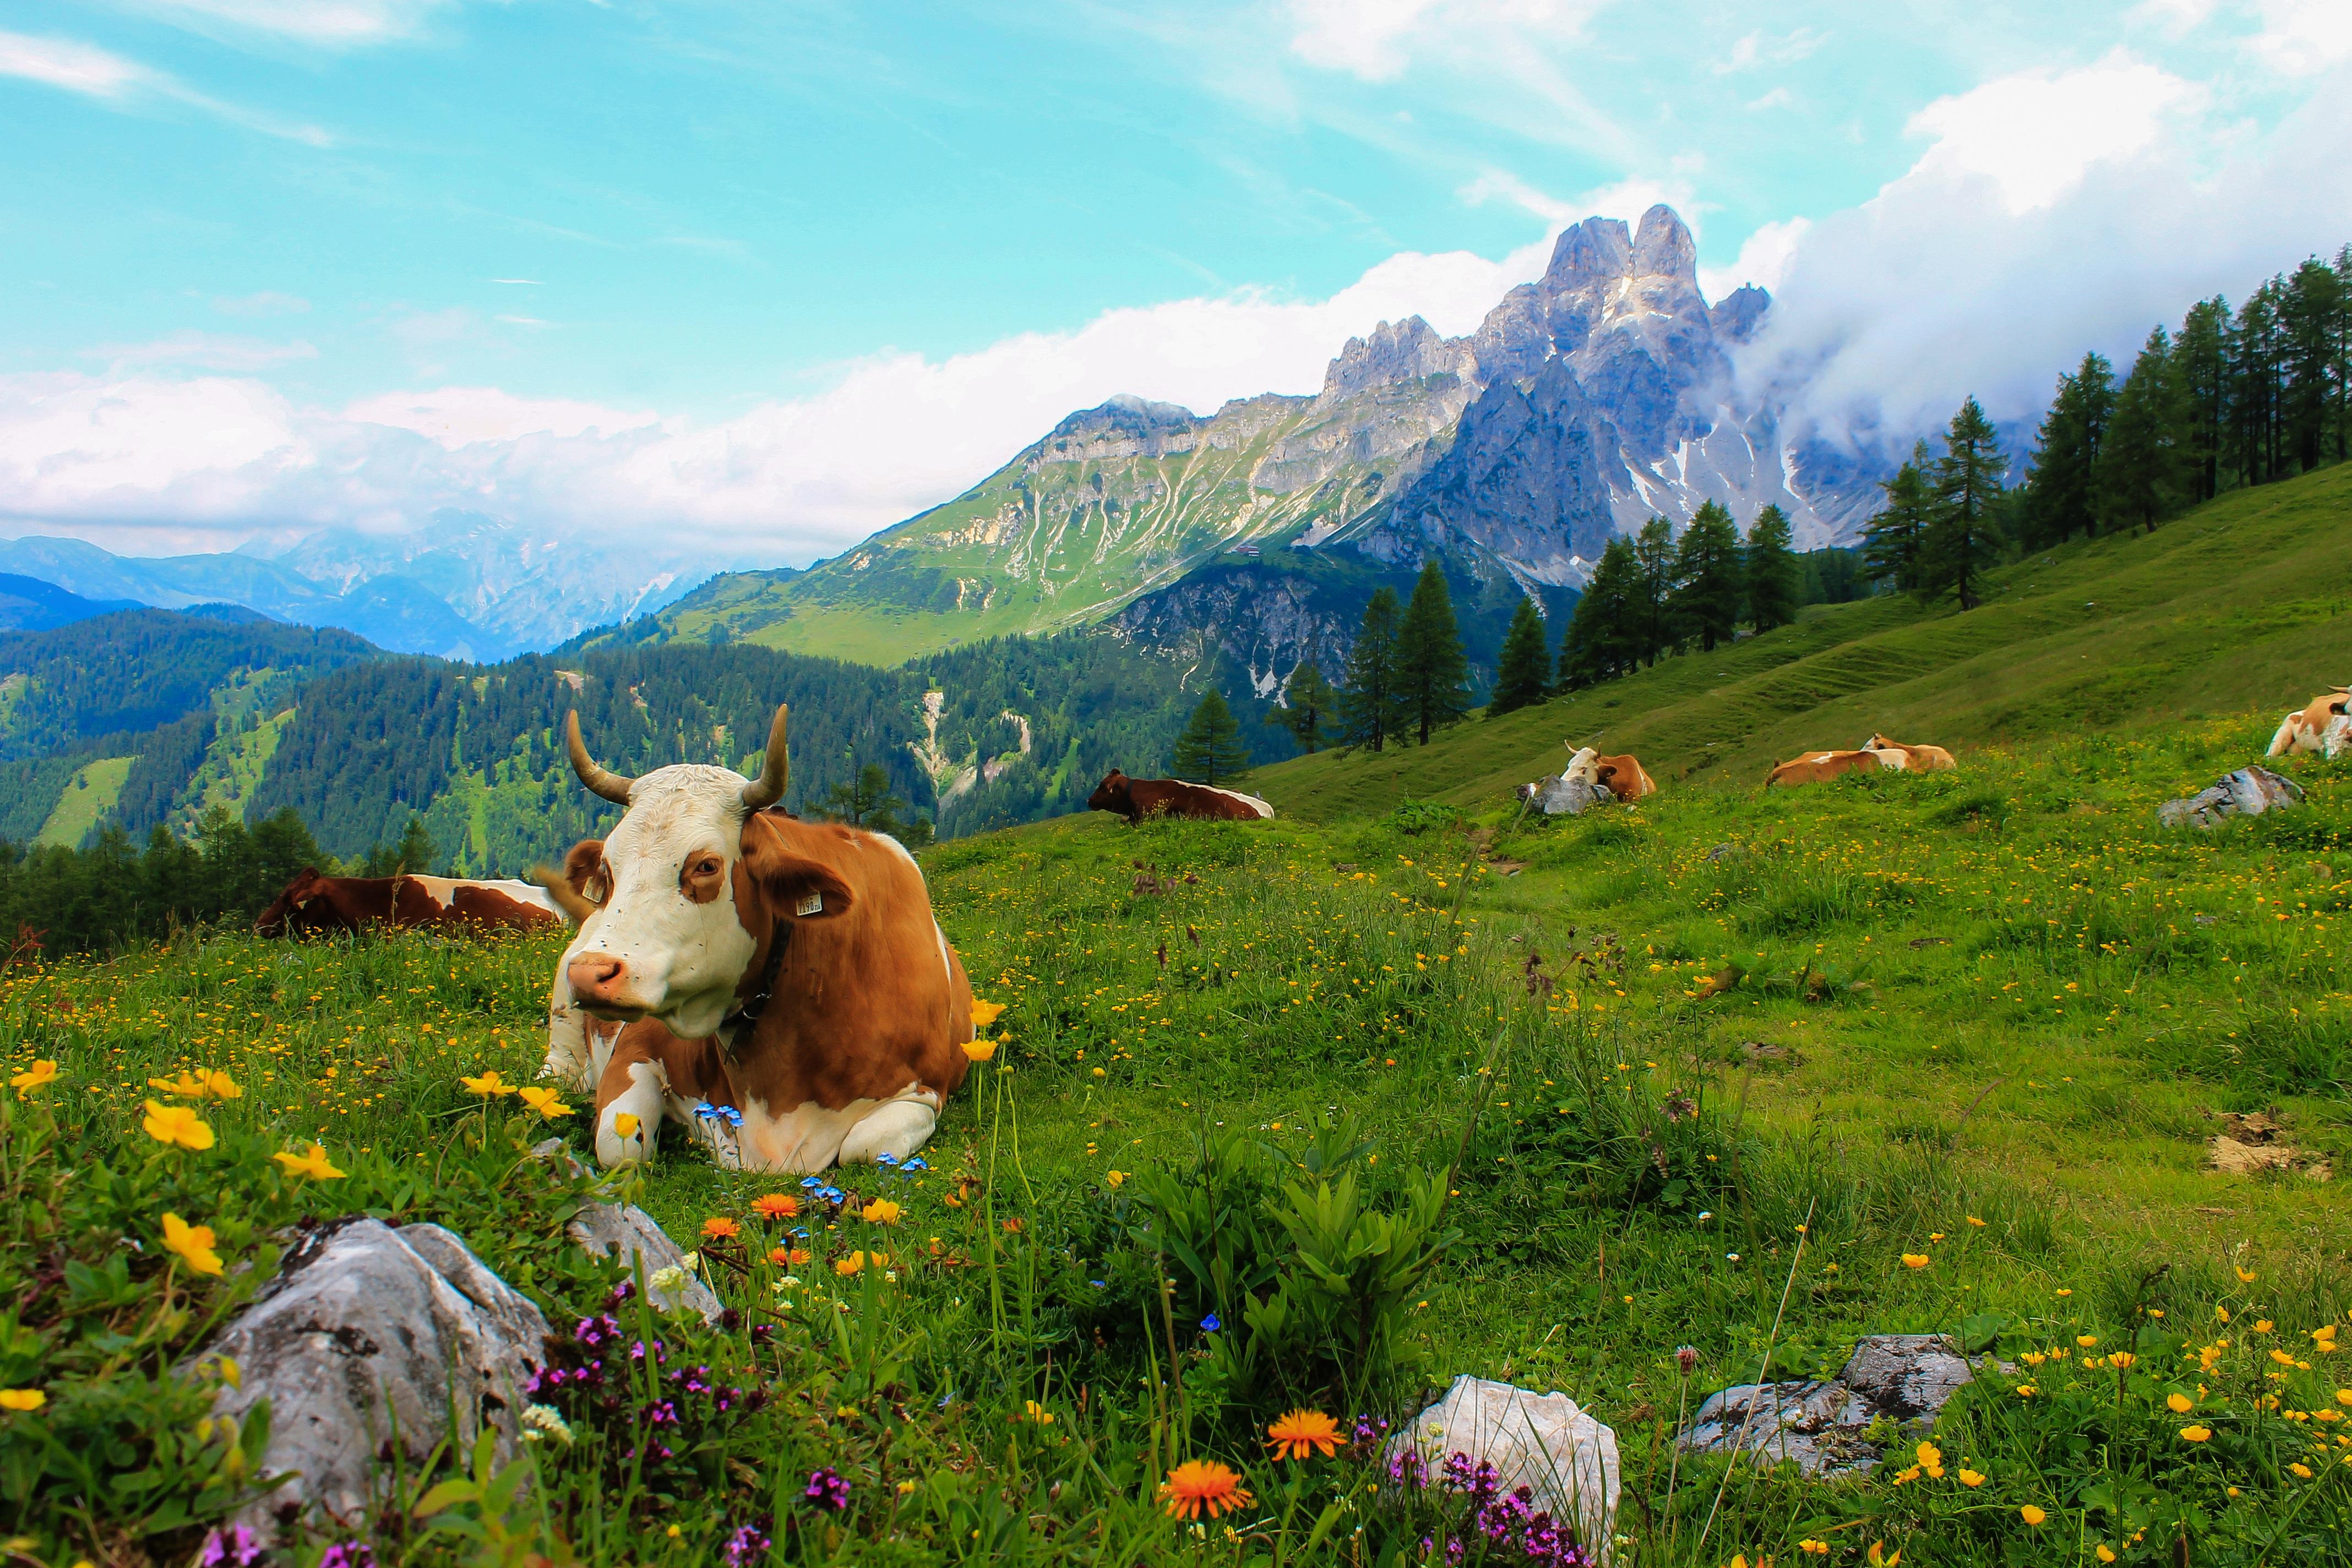 Paisajes De Animales: Images Gratuites : Paysage, La Nature, Herbe, Région